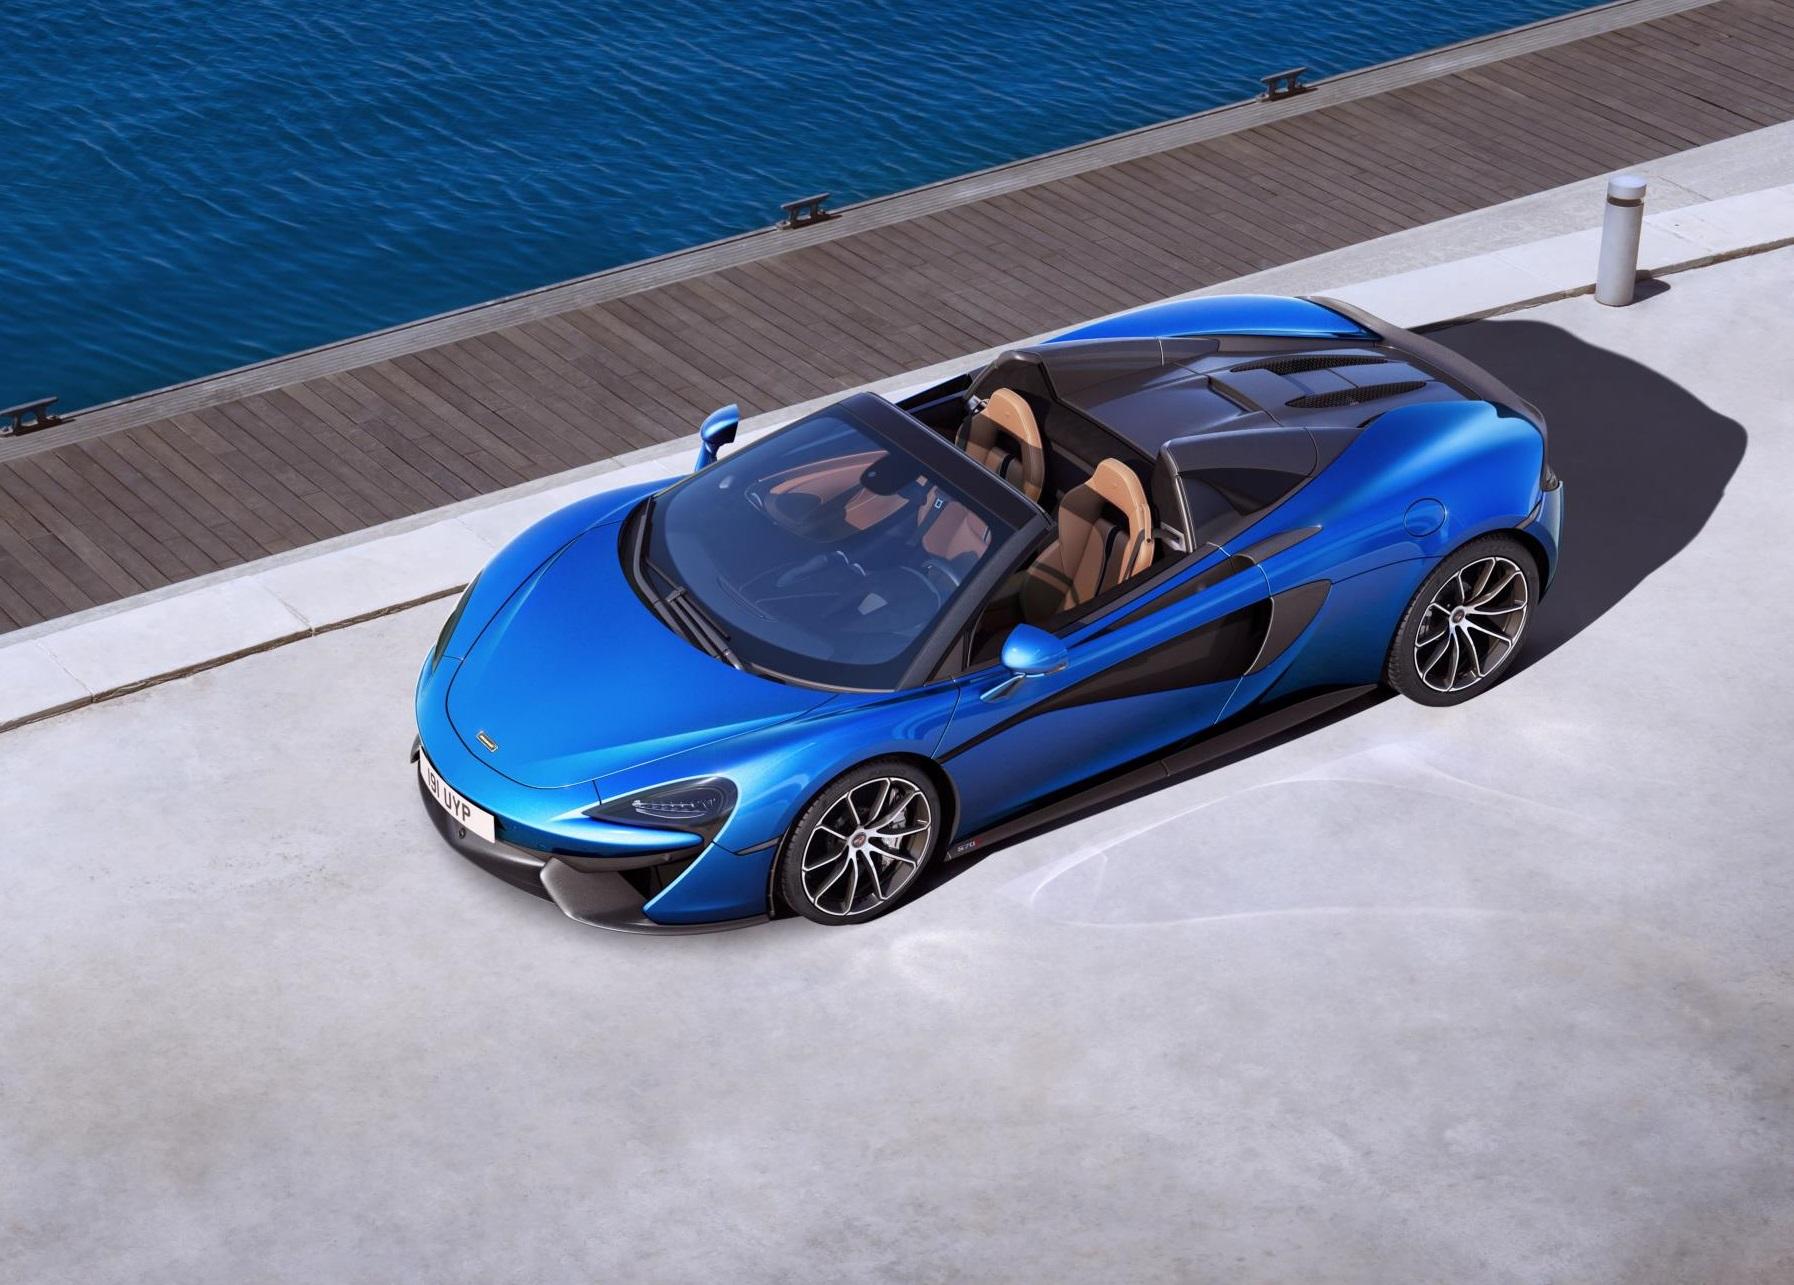 Так или иначе, показатели производительности идентичны купе с ускорением от 0 до 100 км/ч за 3,2 секунды и максимальной скоростью 328 км/ч. С крышей максимальная скорость ограничена 315 км/ч.